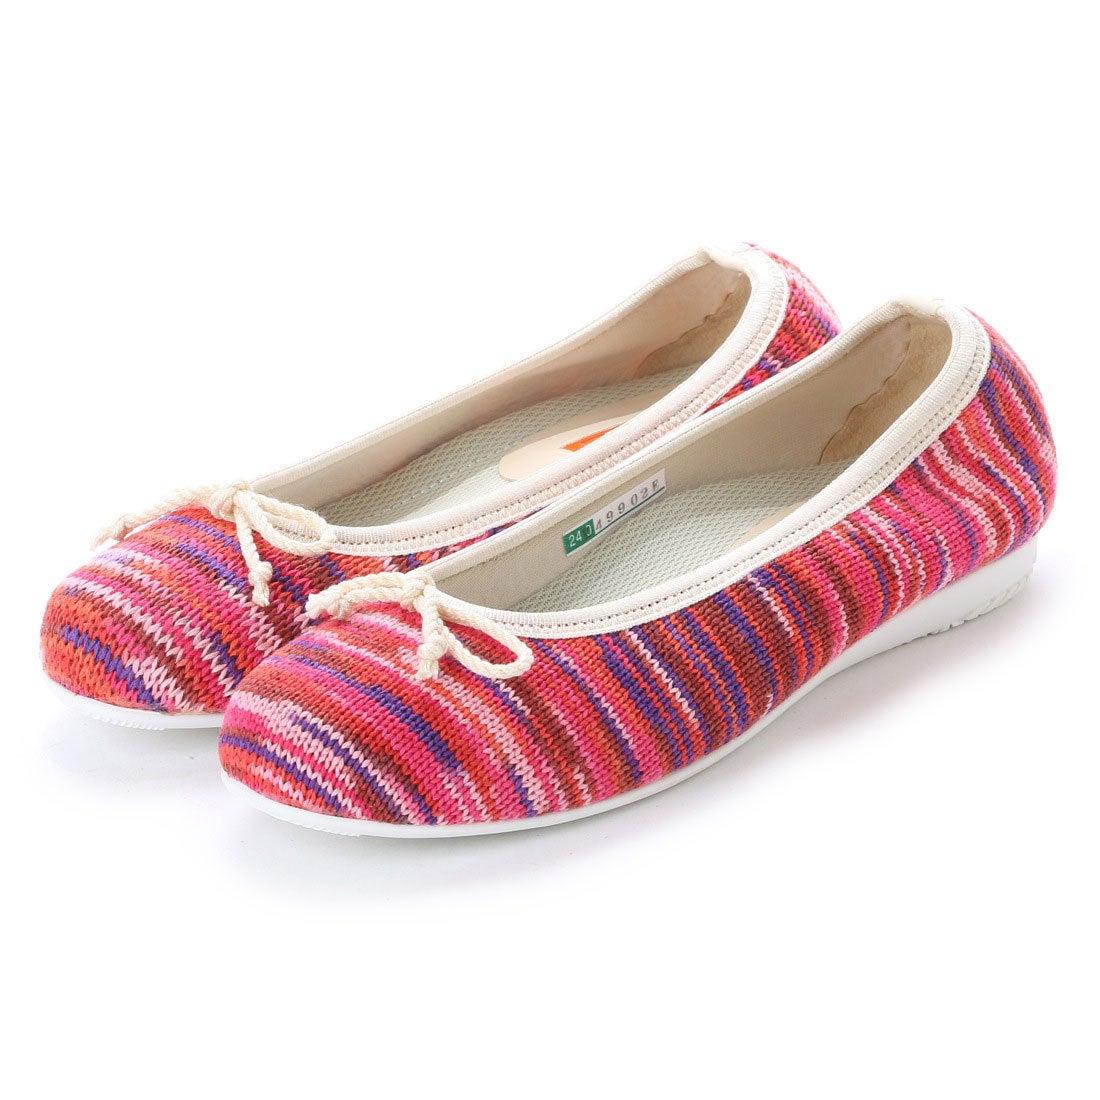 ロコンド 靴とファッションの通販サイトアルコジョイarcojoyウォーキング(レッド)